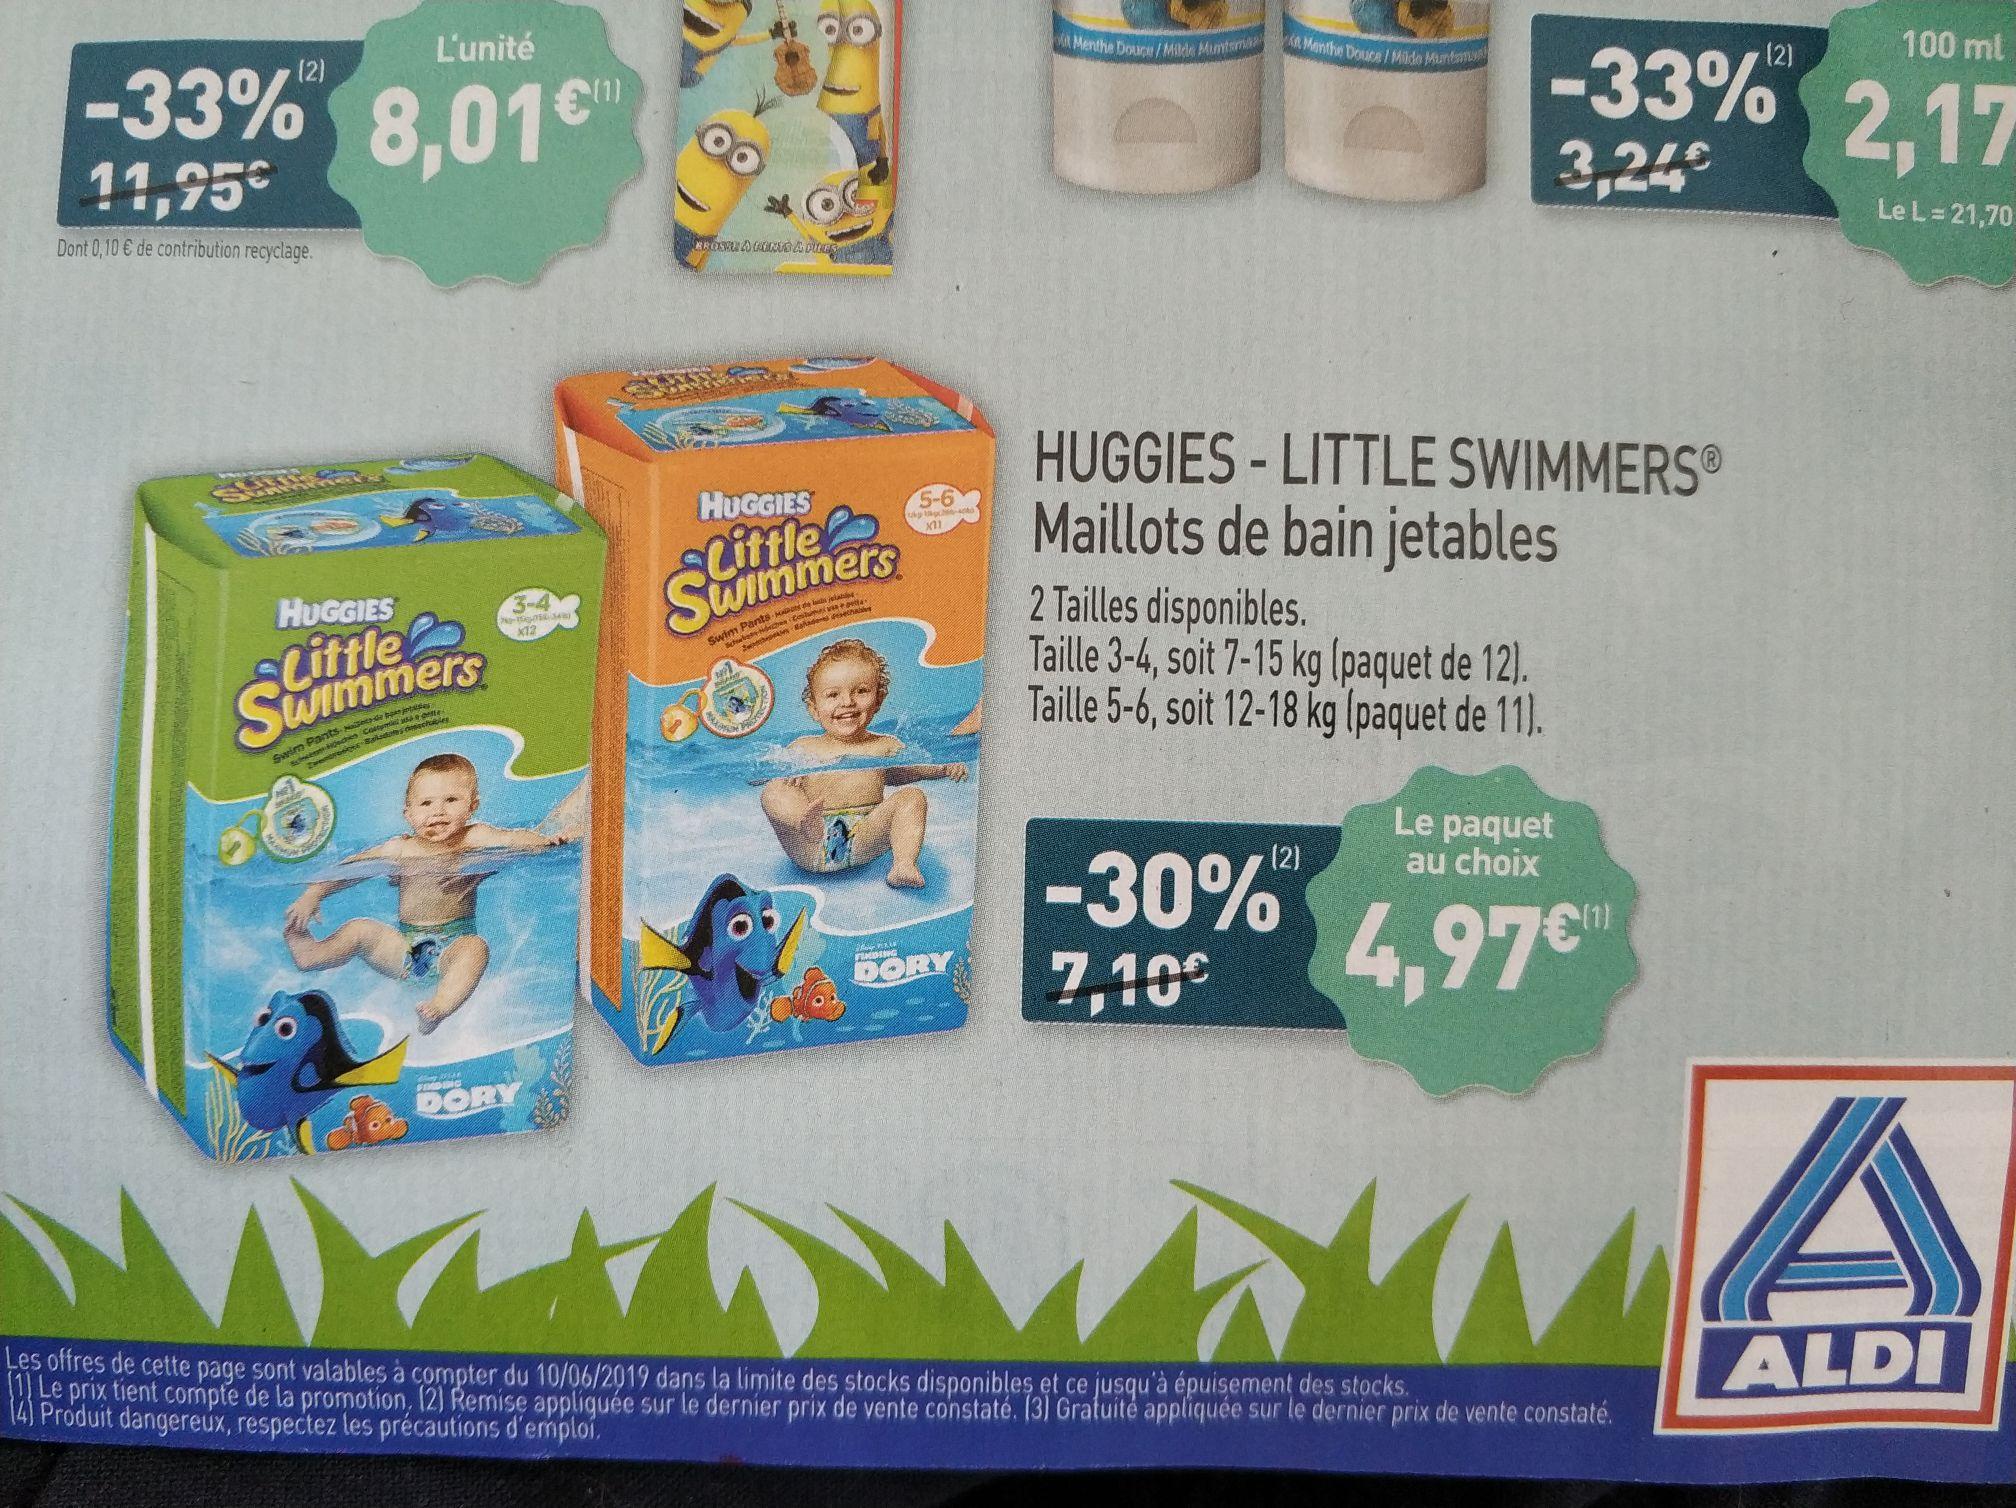 Pack de 11 ou 12 Maillots de bain couches jetables - Huggies Little Swimmers